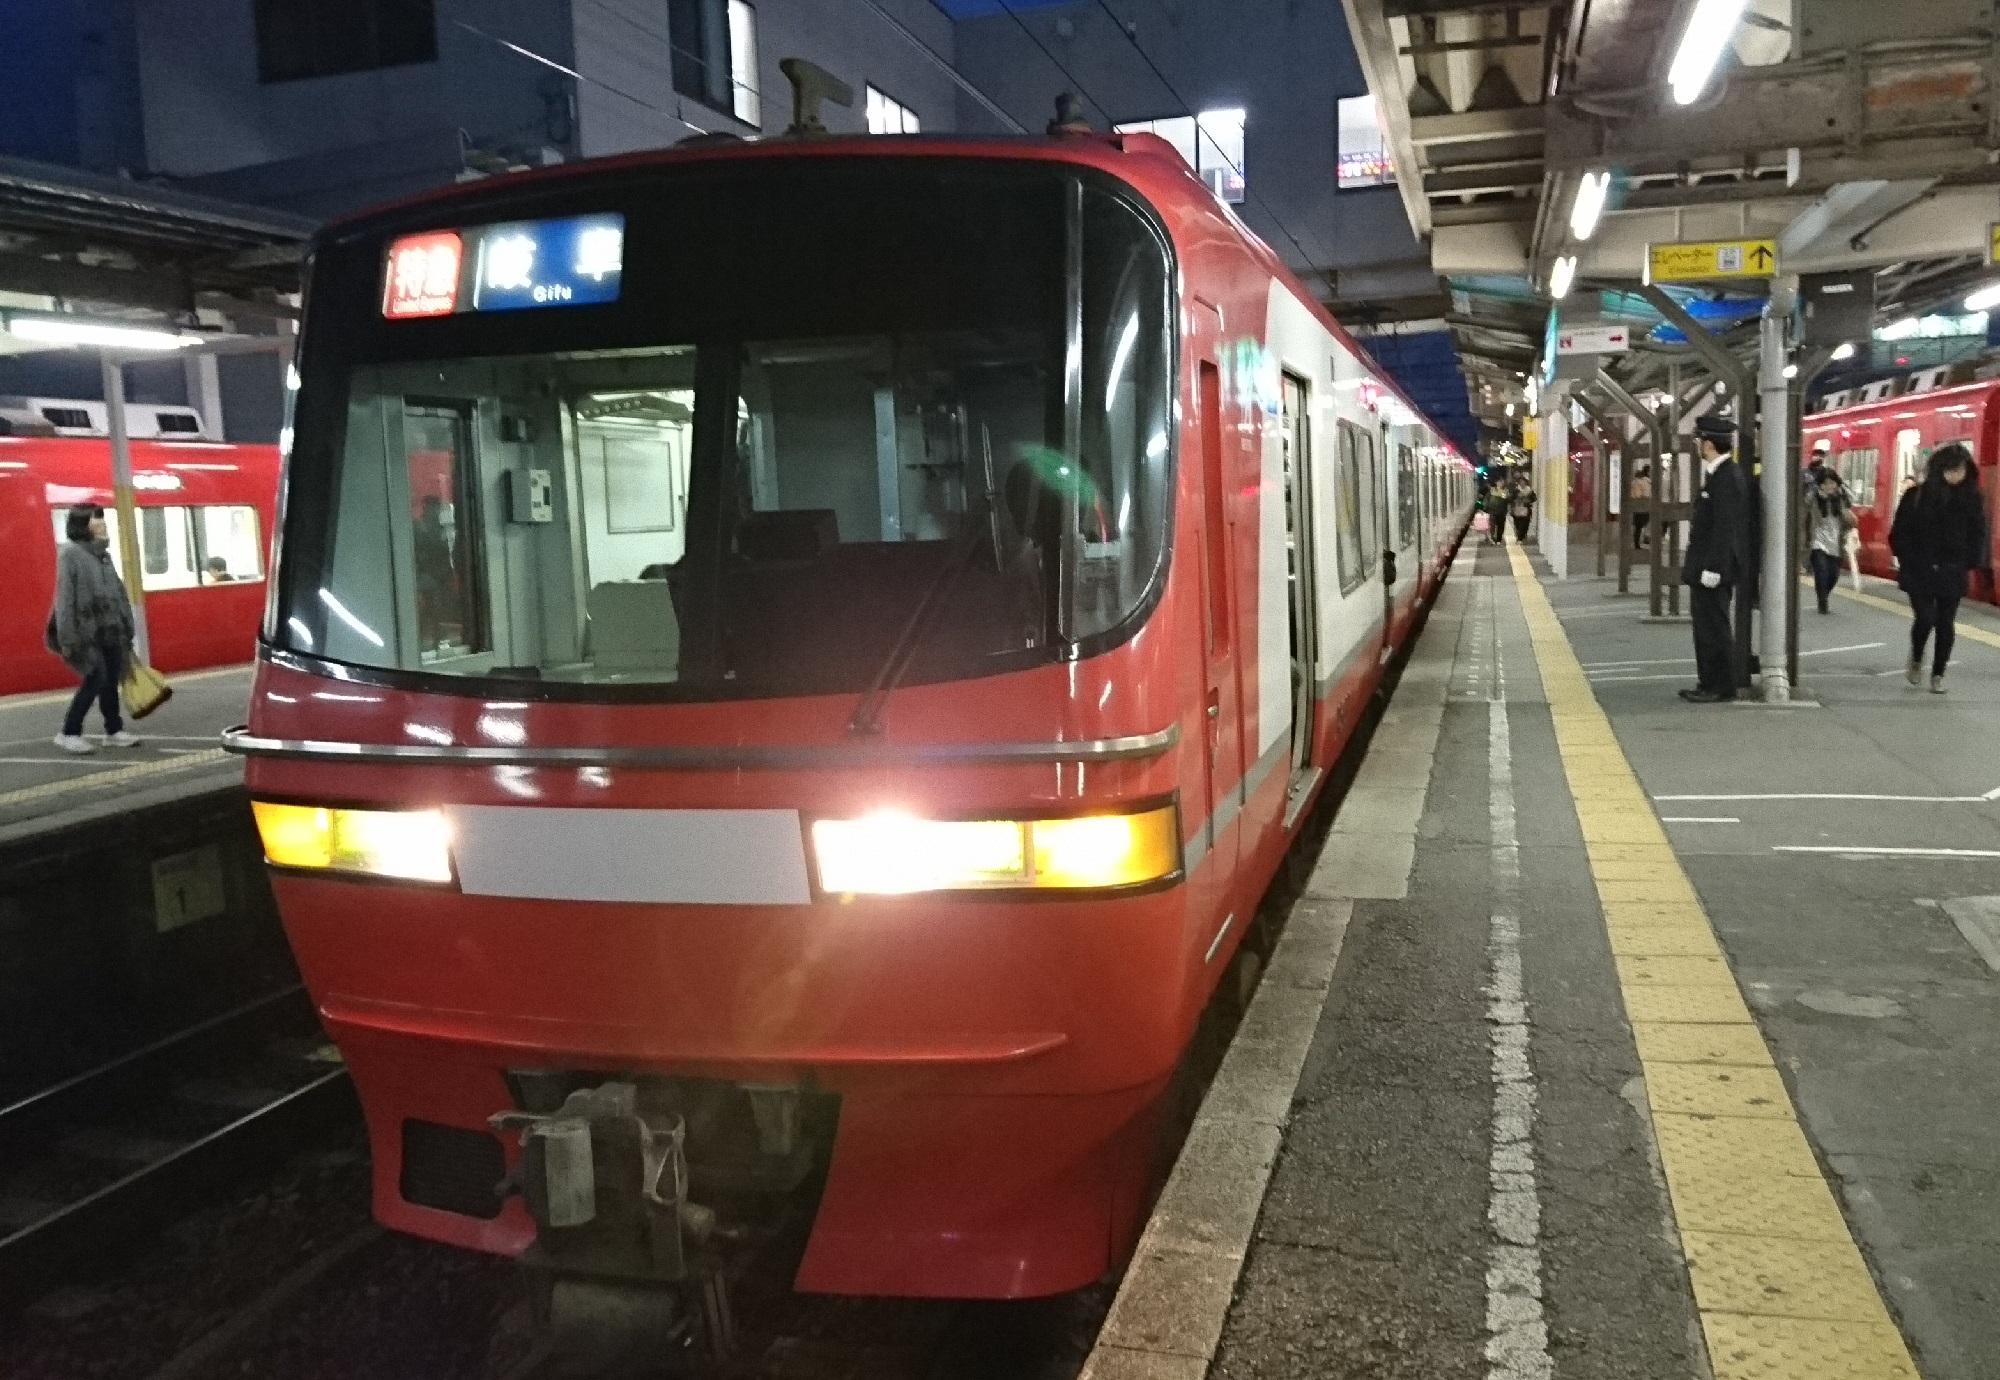 2016.12.23 井伊谷からのかえり (1) しんあんじょう - 岐阜いき特急 1380-2000